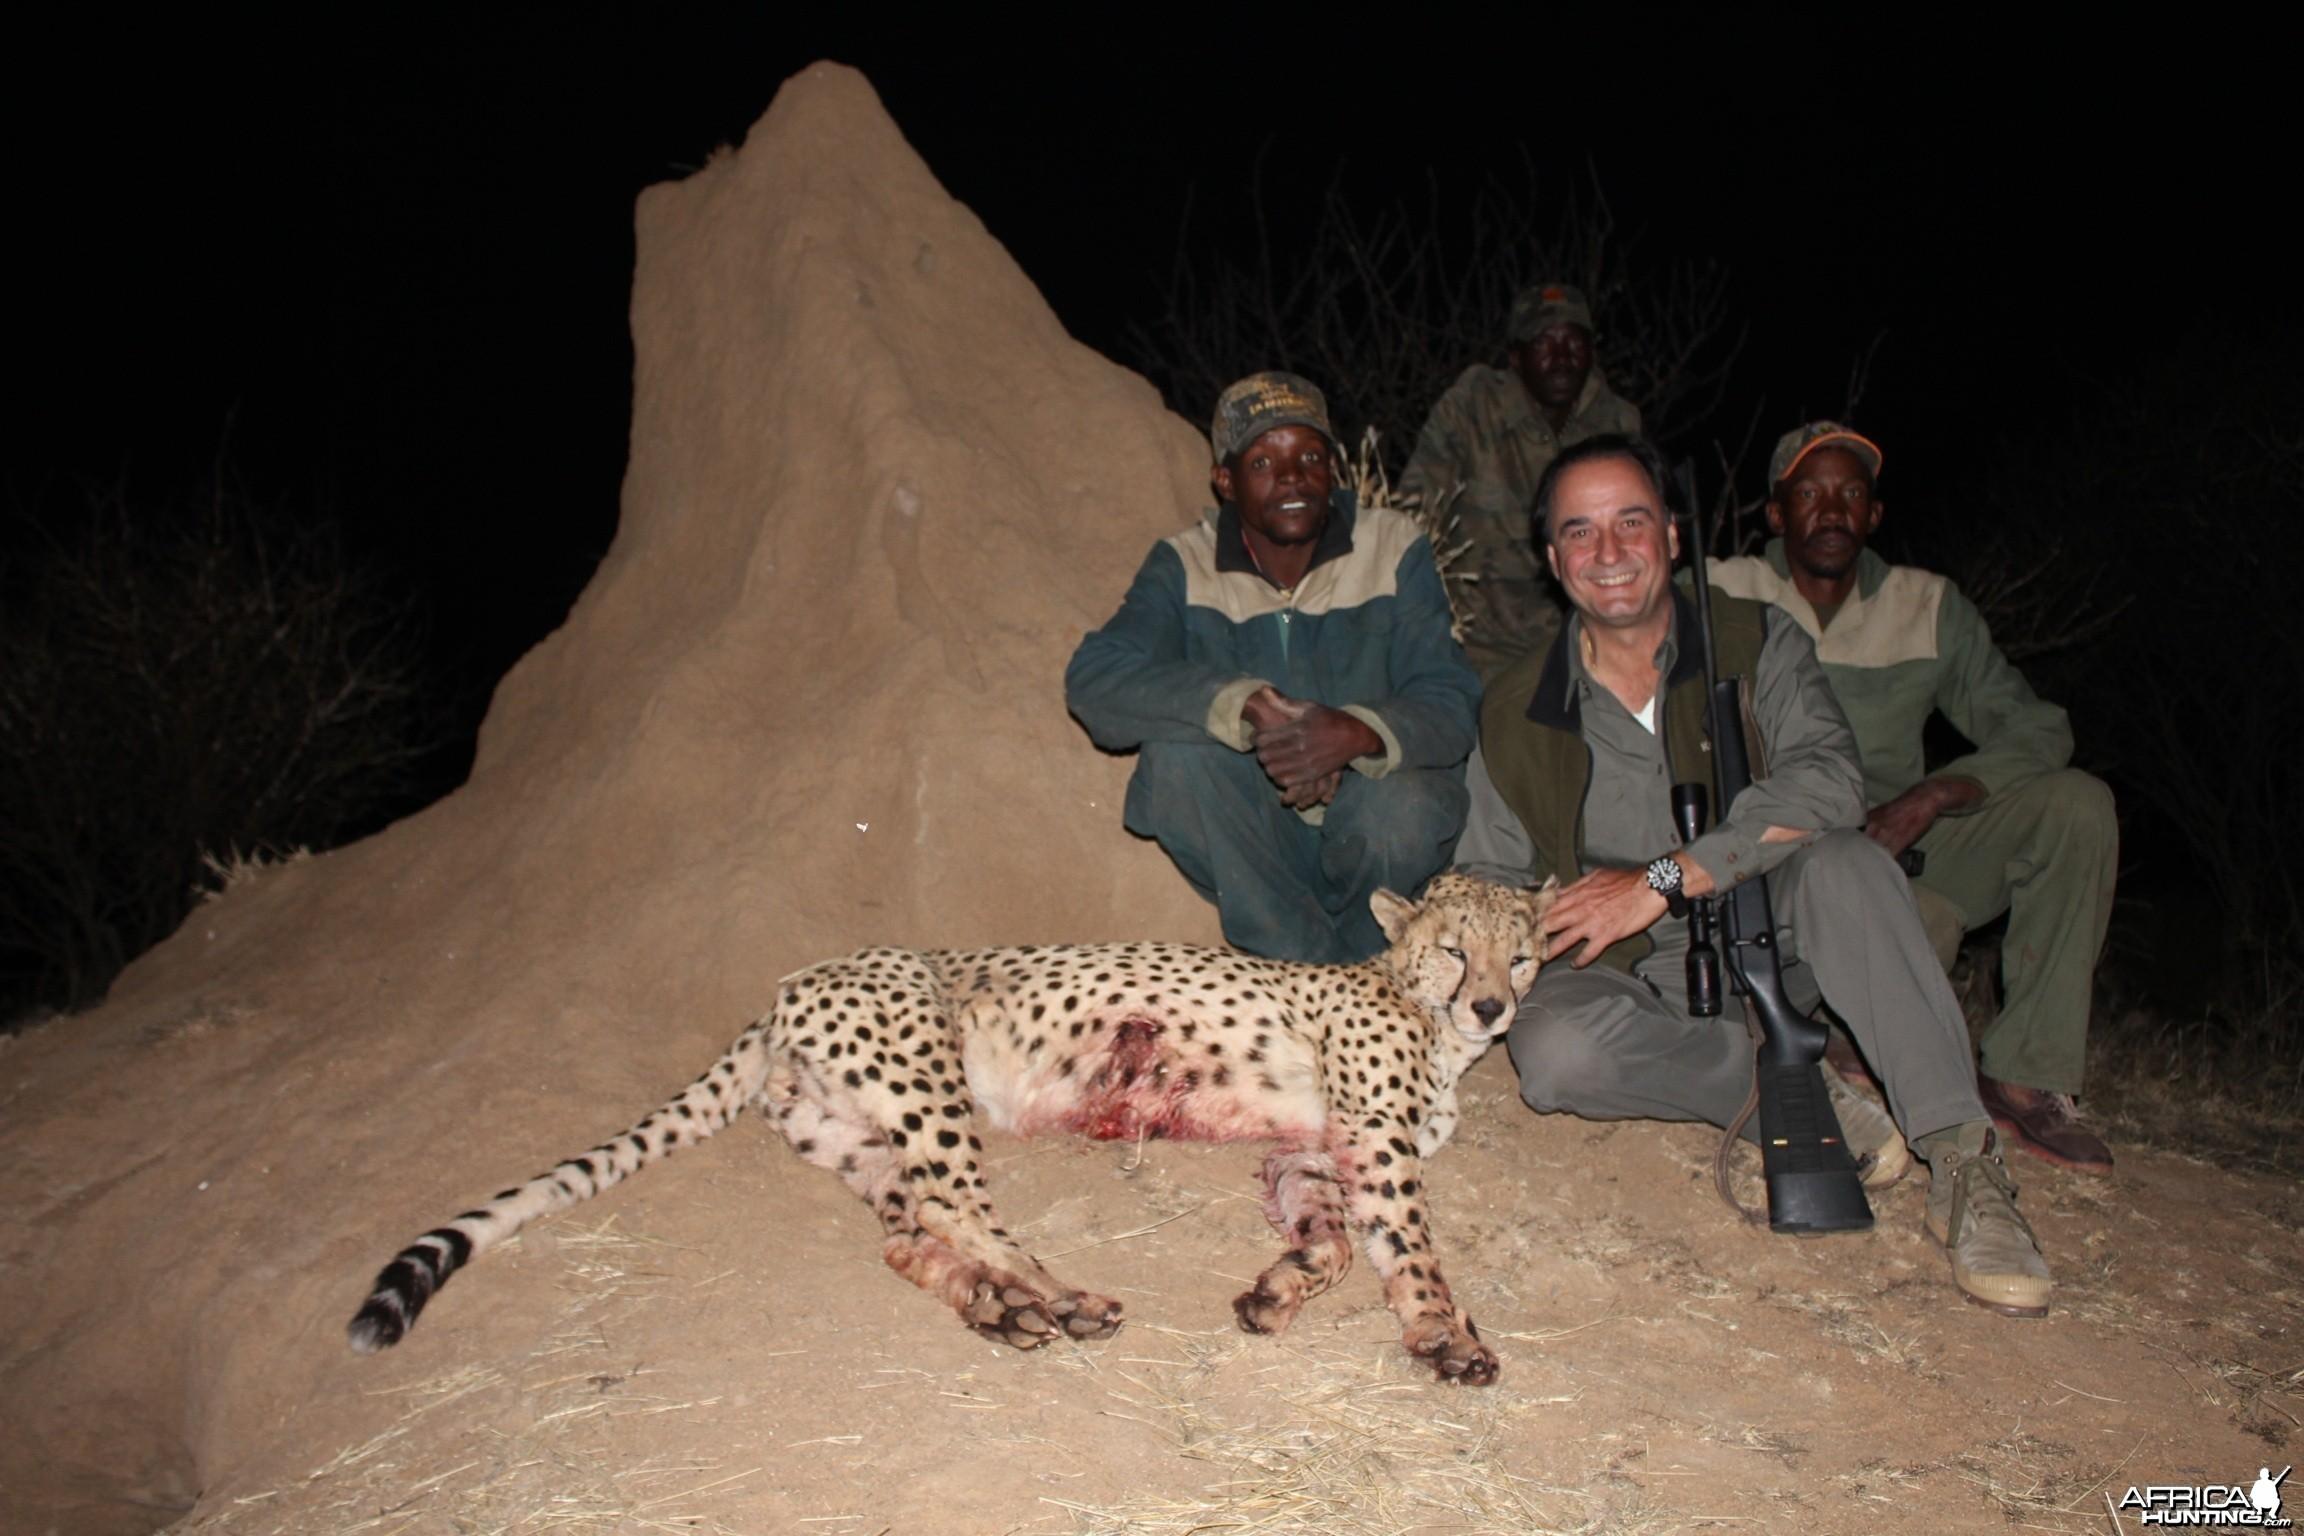 Big Male Cheetah